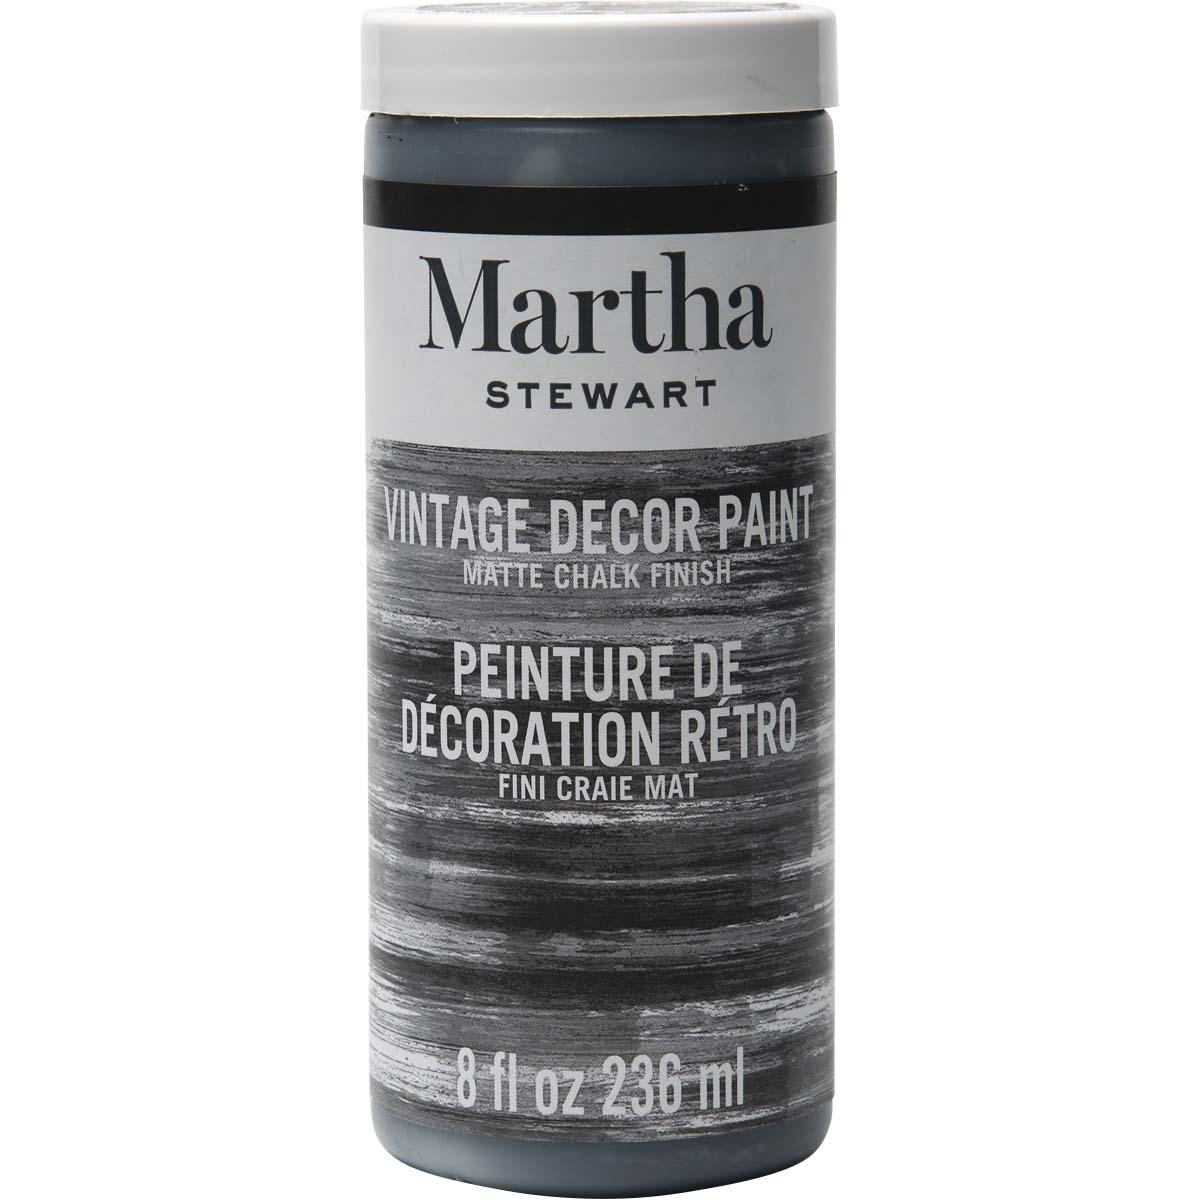 MARTHA STEWART VINTAGE PAINT 8 OZ. BEETLE BLACK